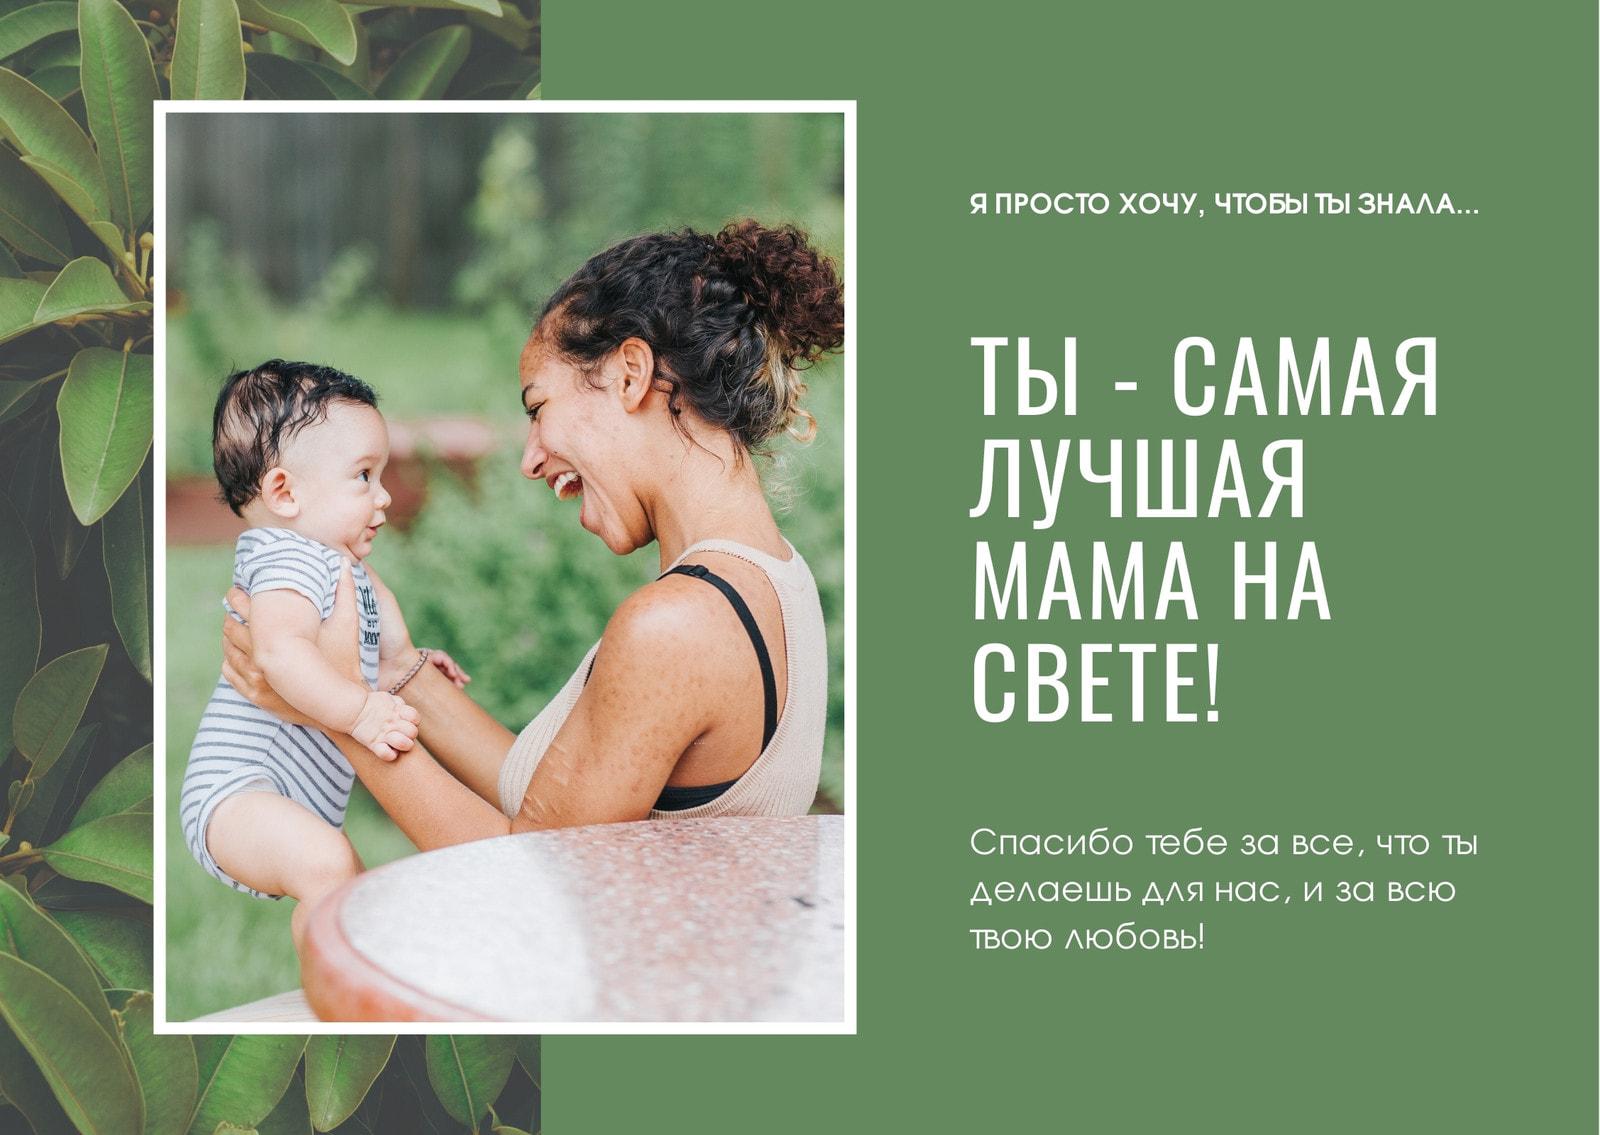 Зеленая Современная День матери Личная Открытка